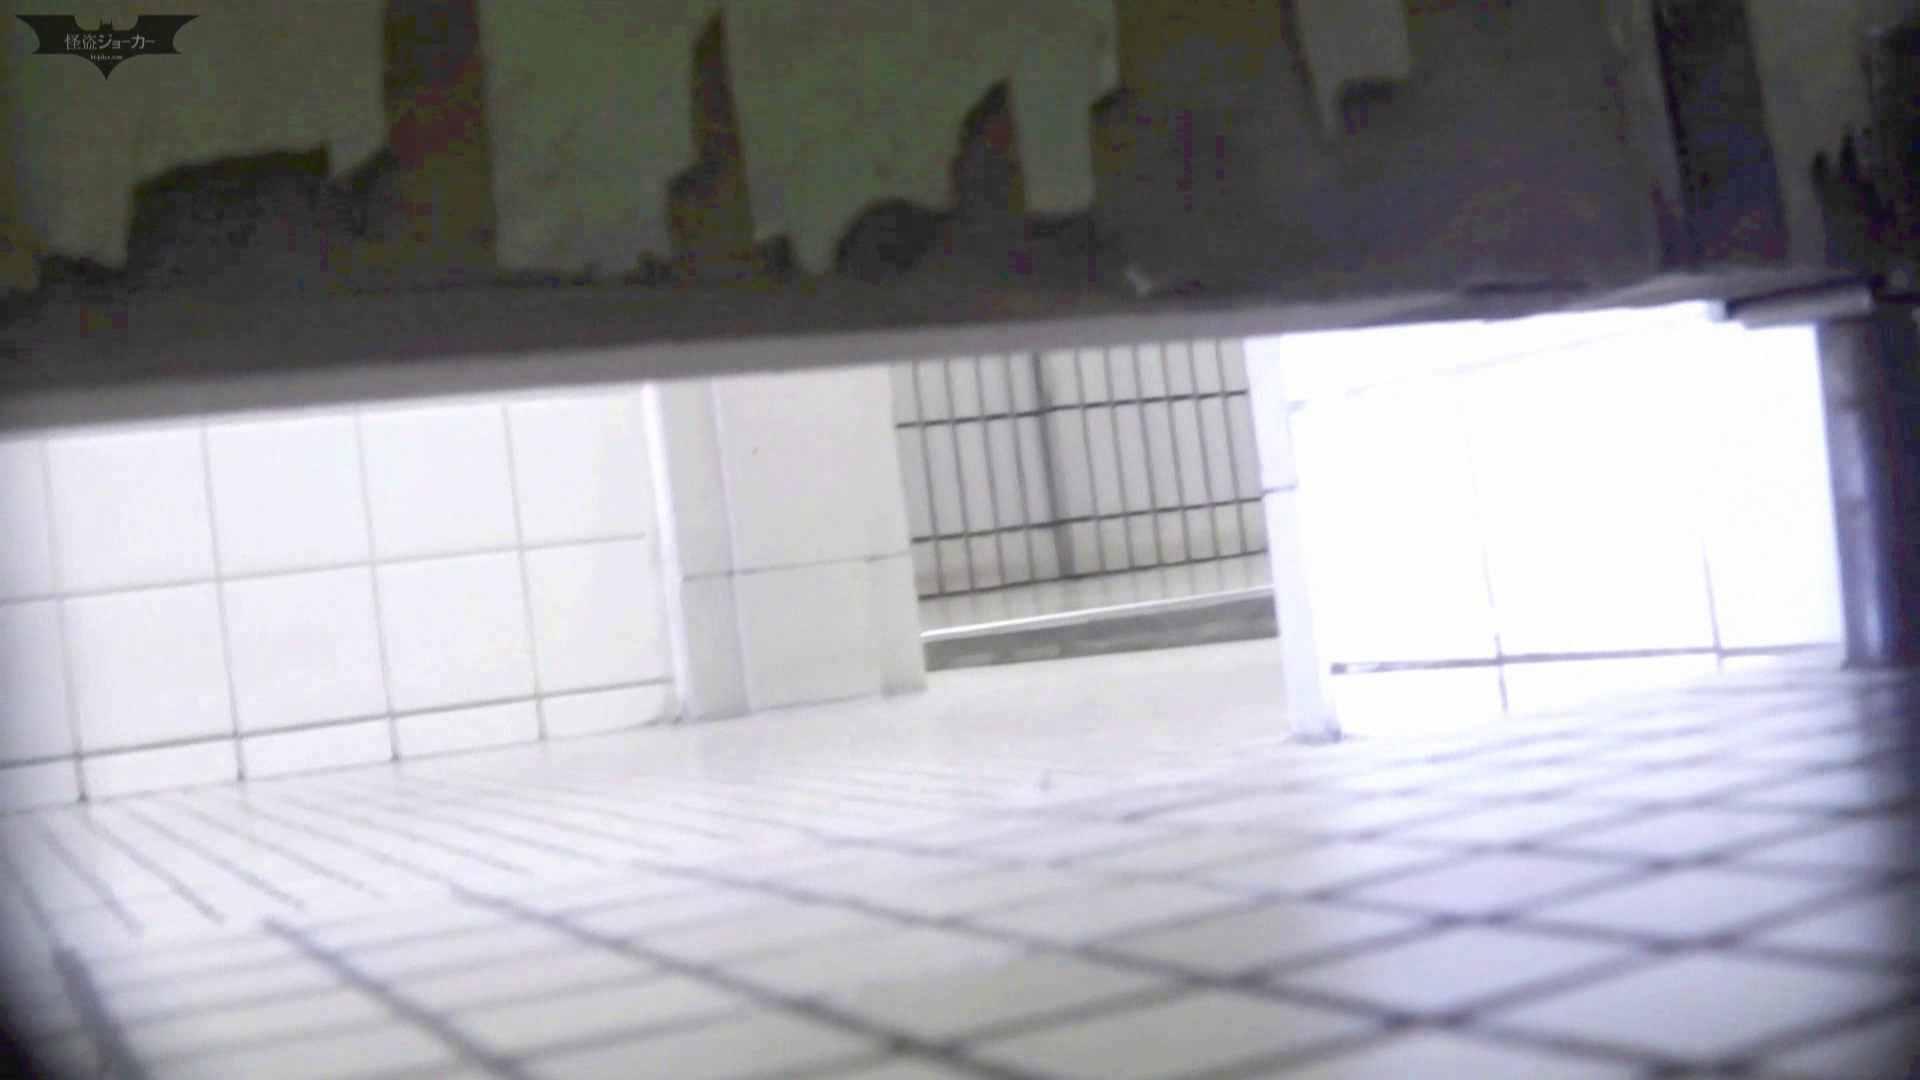 【潜入トイレ盗撮】洗面所特攻隊 vol.70 極上品の連続、歌いながら美女入室 盗撮エロすぎ | トイレ中  90連発 59